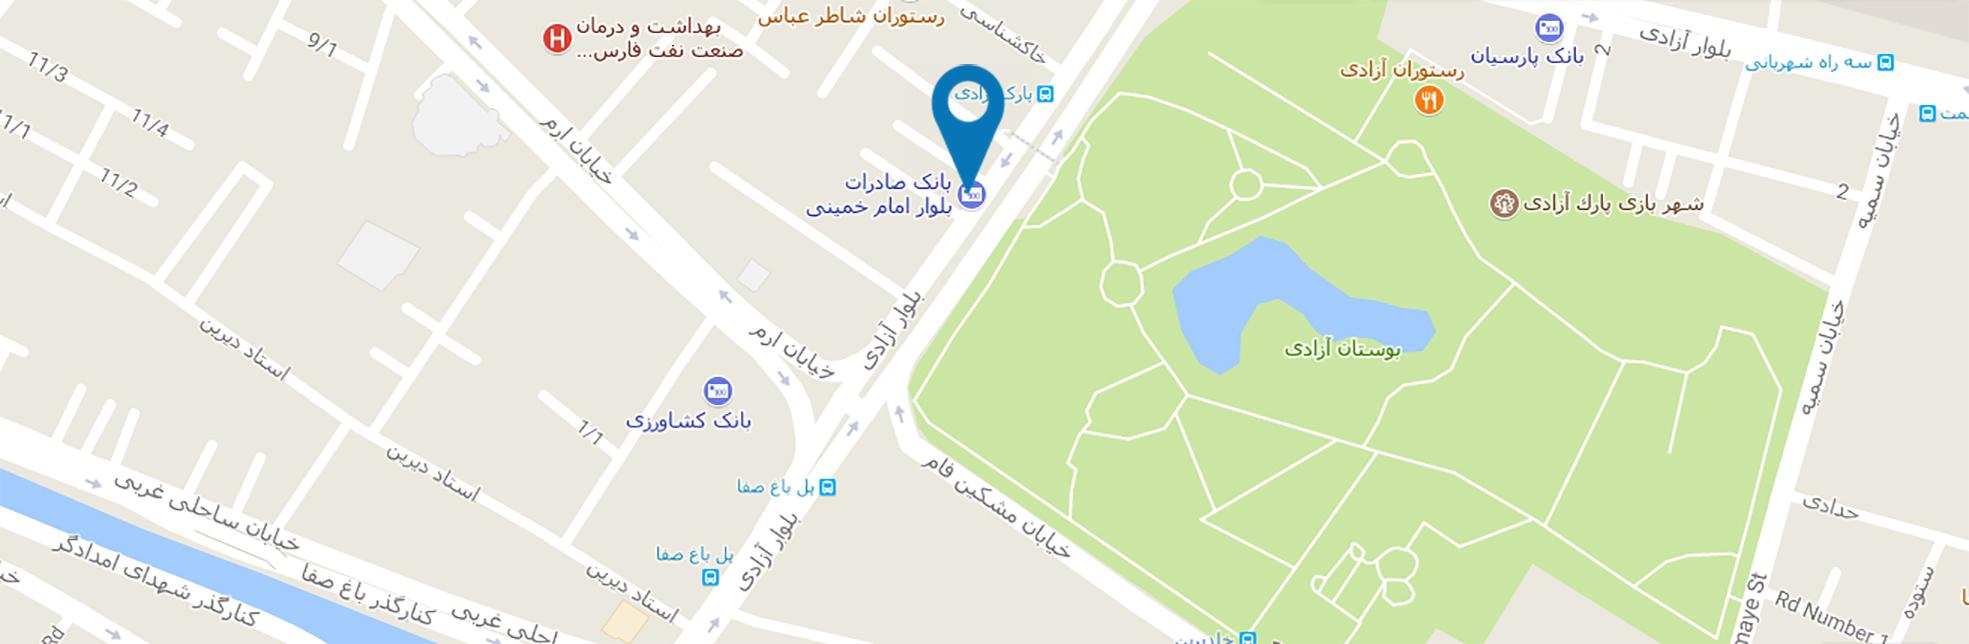 نقشه کلینیک آرسته تماس با کلینیک آرسته شیراز تماس با ما pinc2023